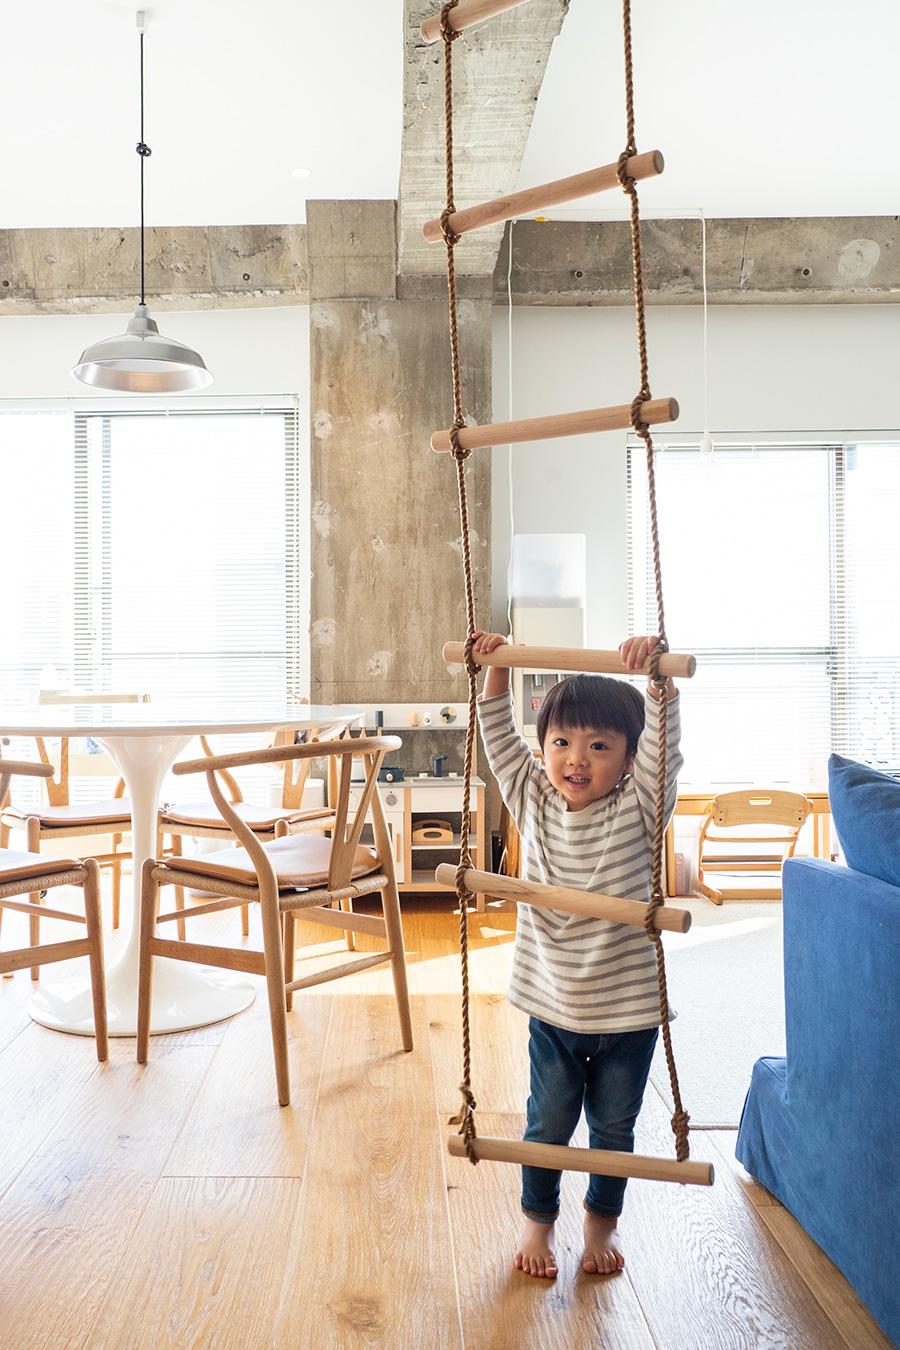 捷太郎君のために様々な遊び道具を。広々としたワンルームは、のびのびと過ごせる。